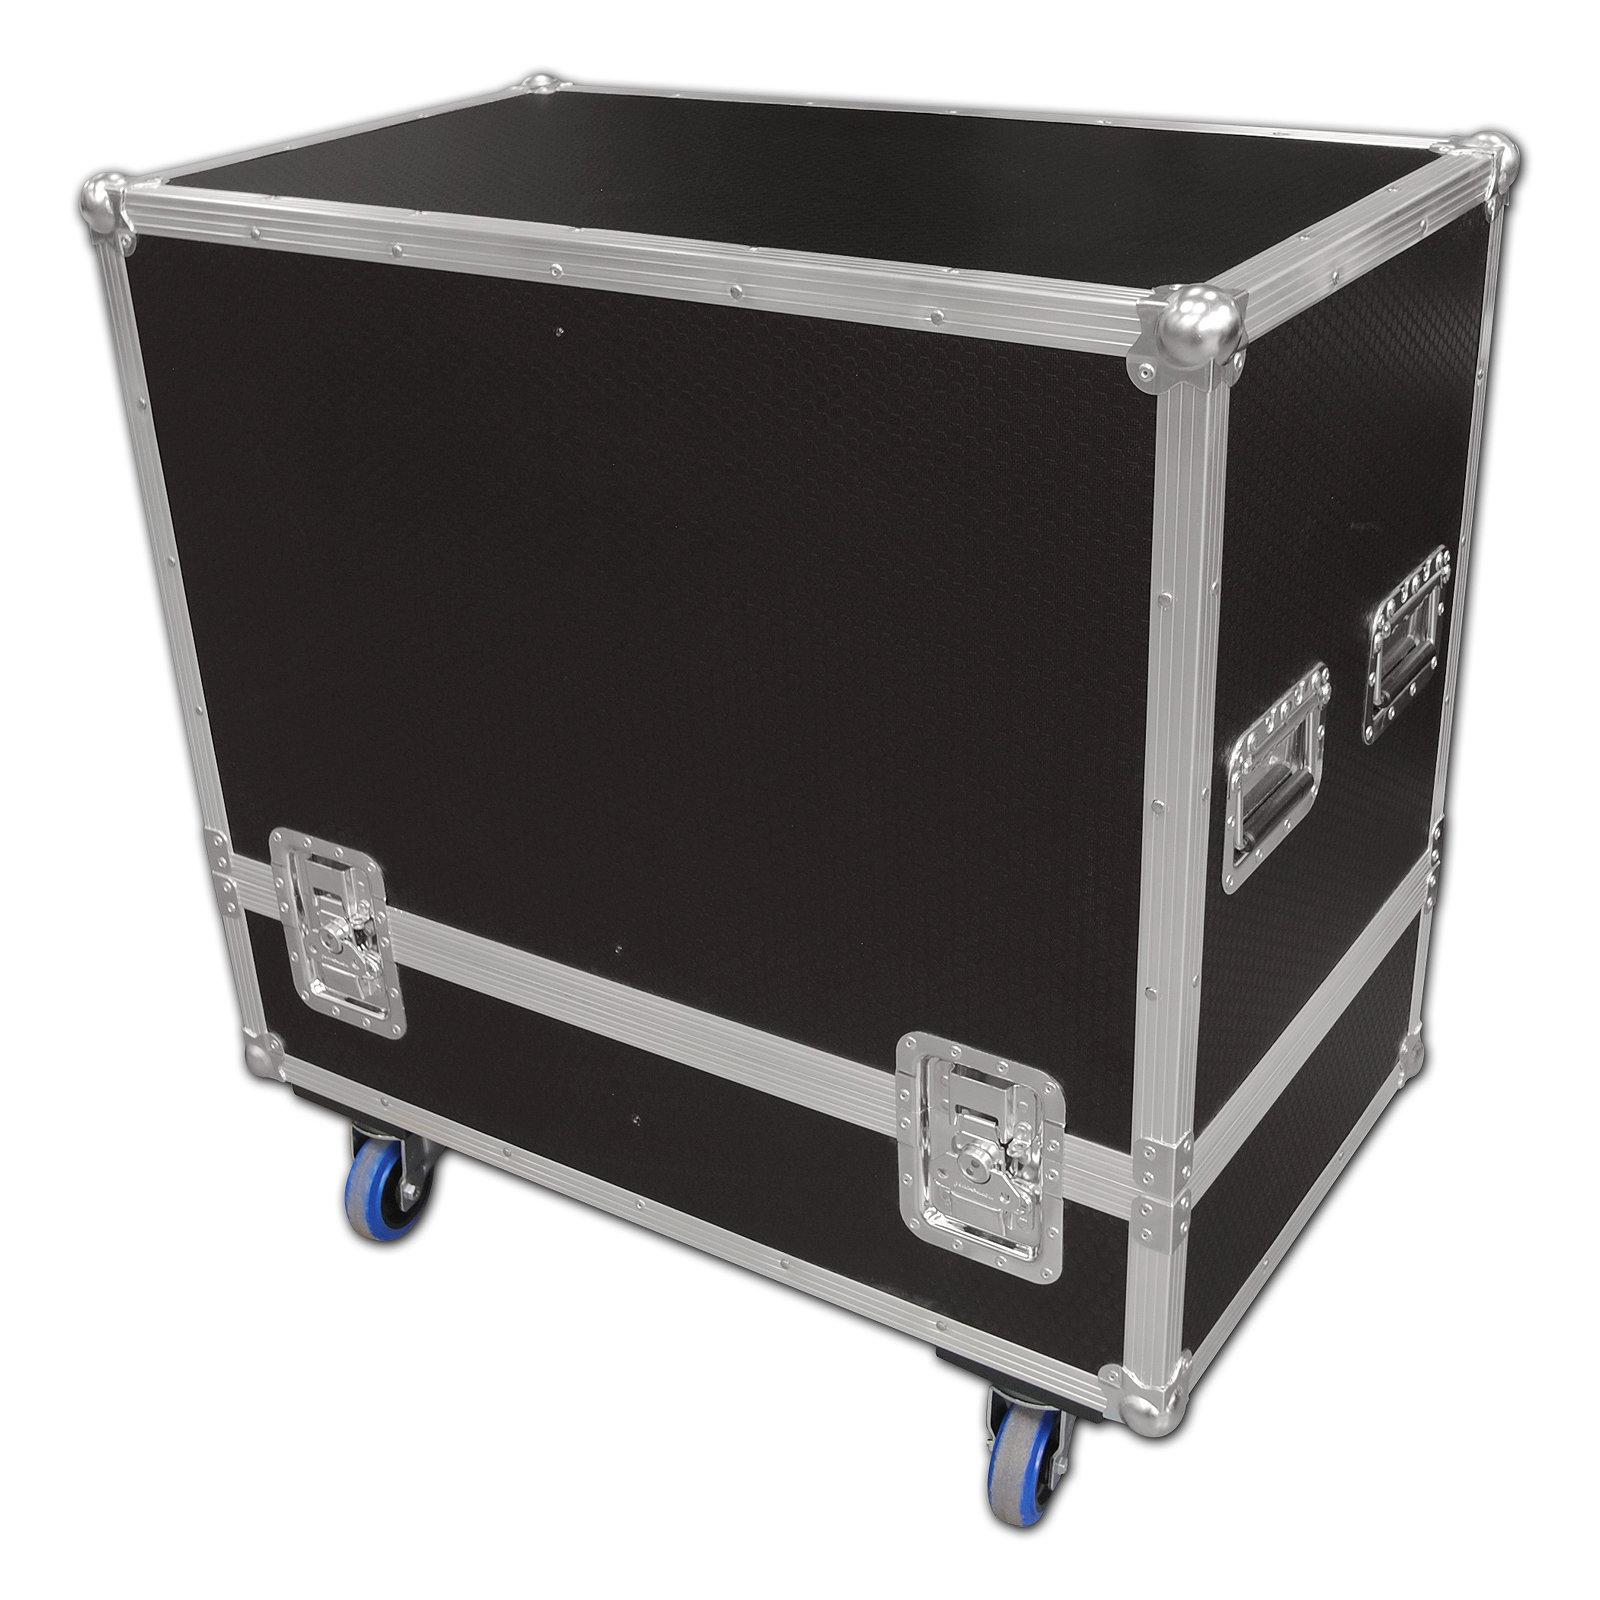 yamaha dxr12 twin speaker flight case. Black Bedroom Furniture Sets. Home Design Ideas